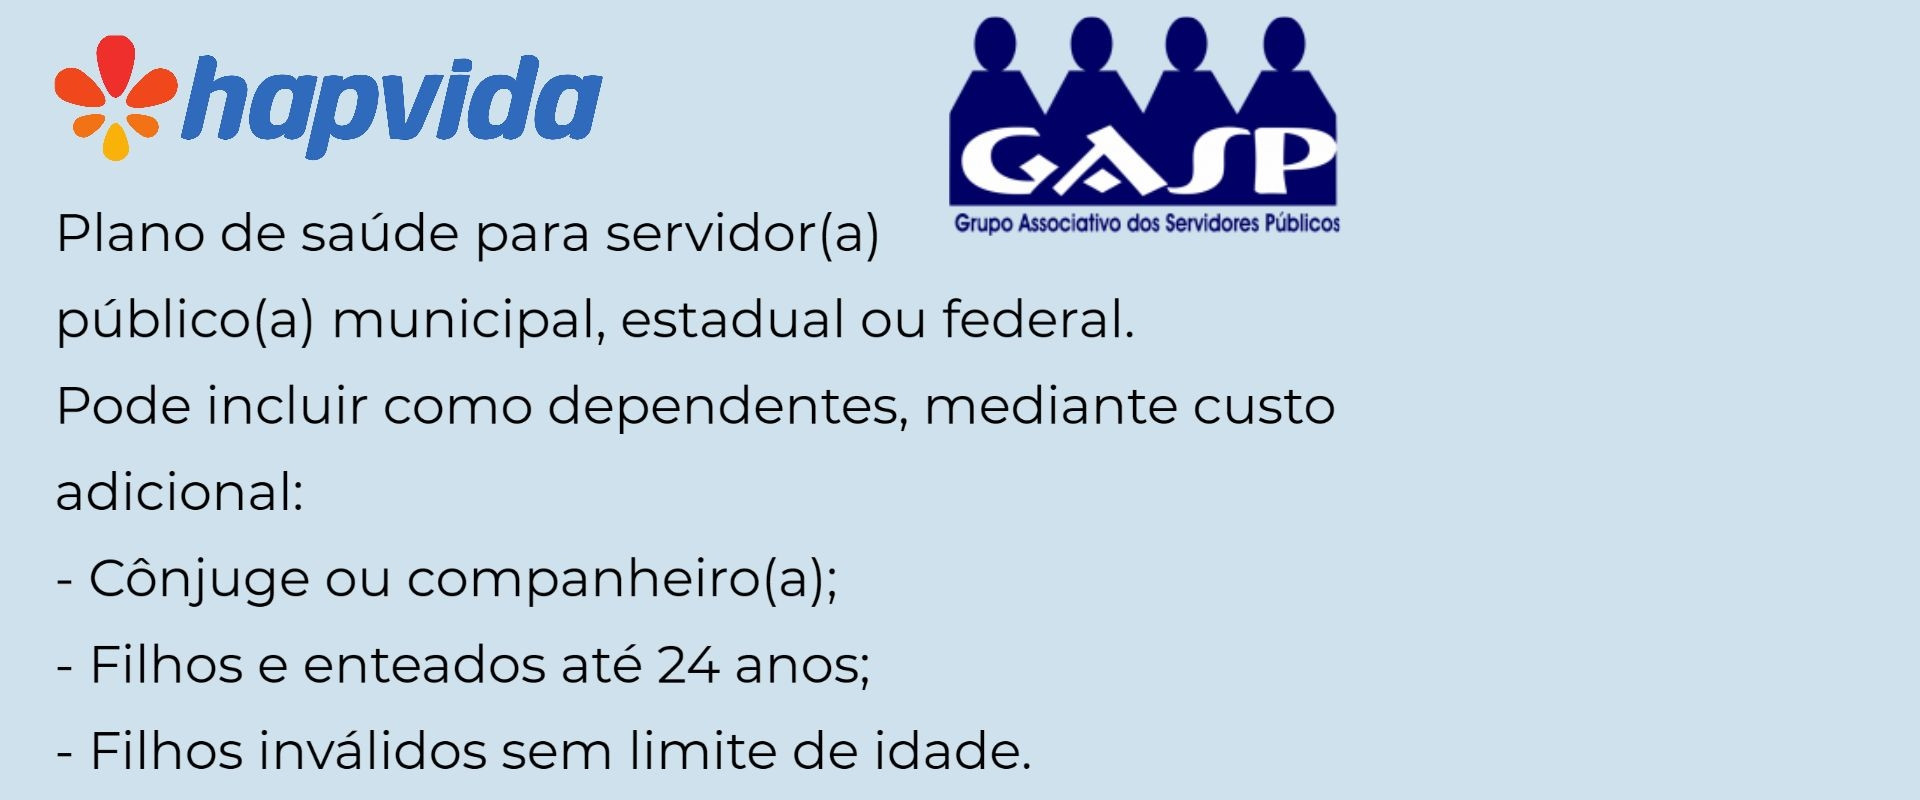 Hapvida GASP-BA